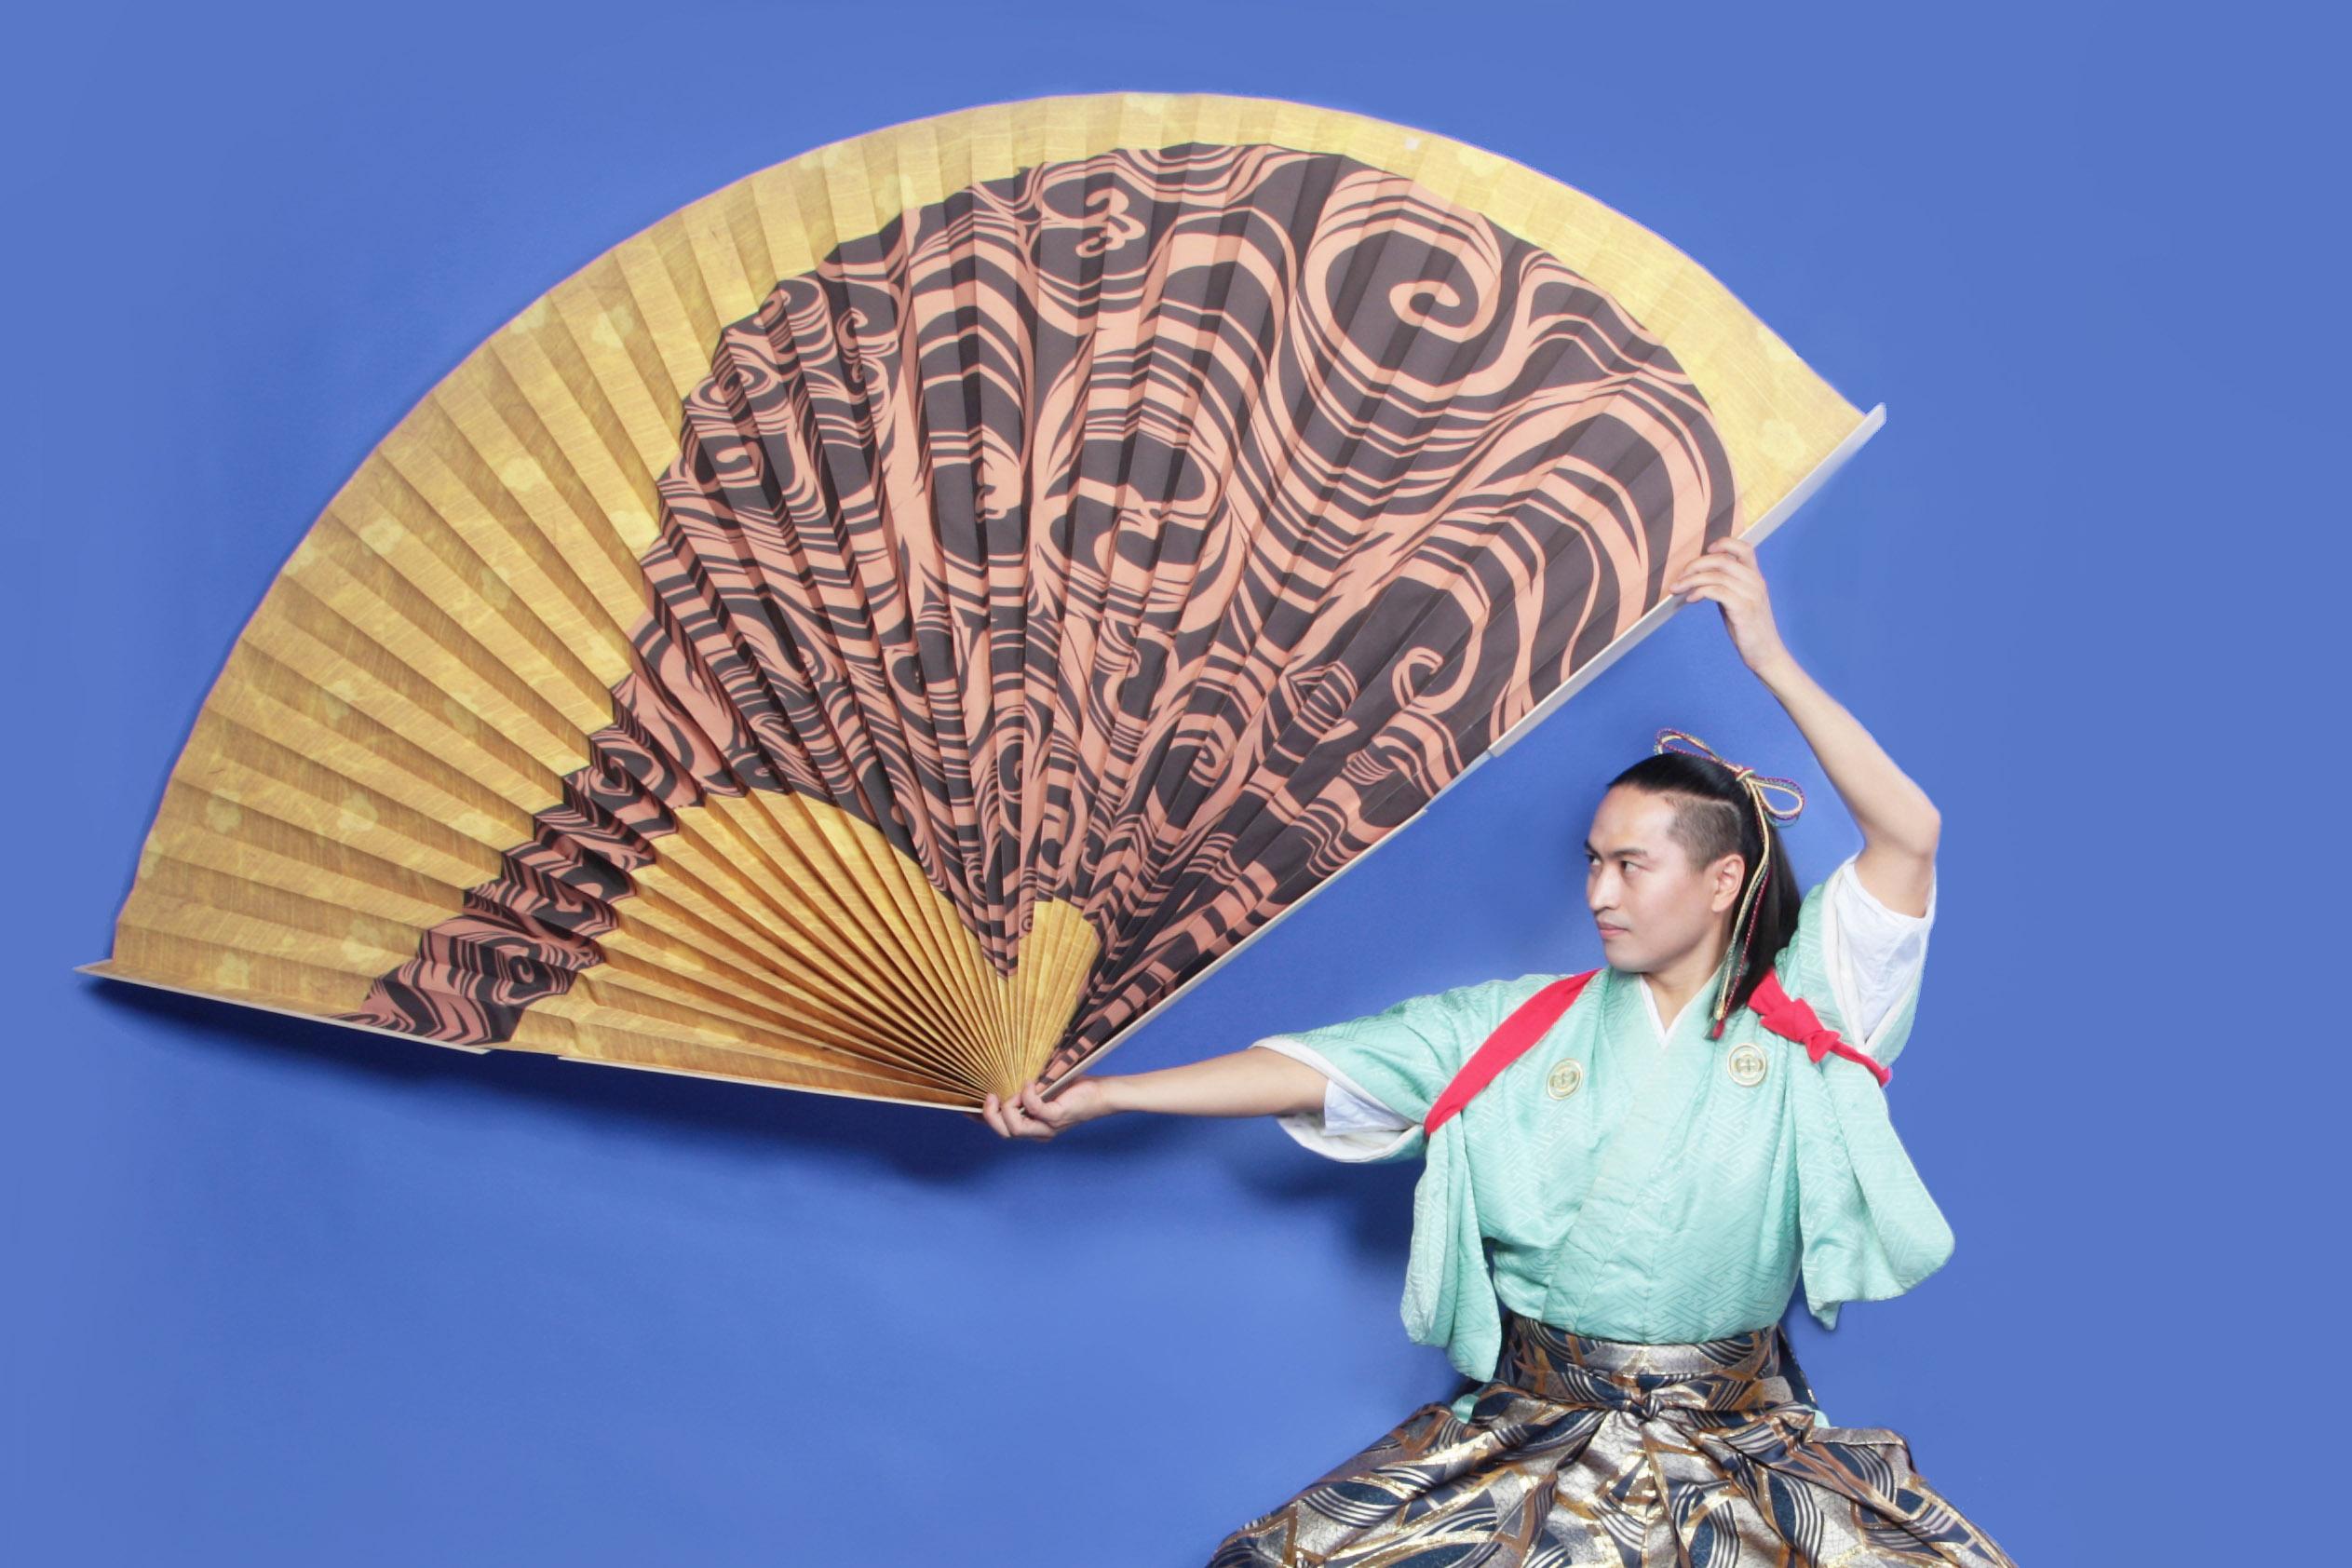 江戸手妻(日本の伝統奇術)藤山晃太郎